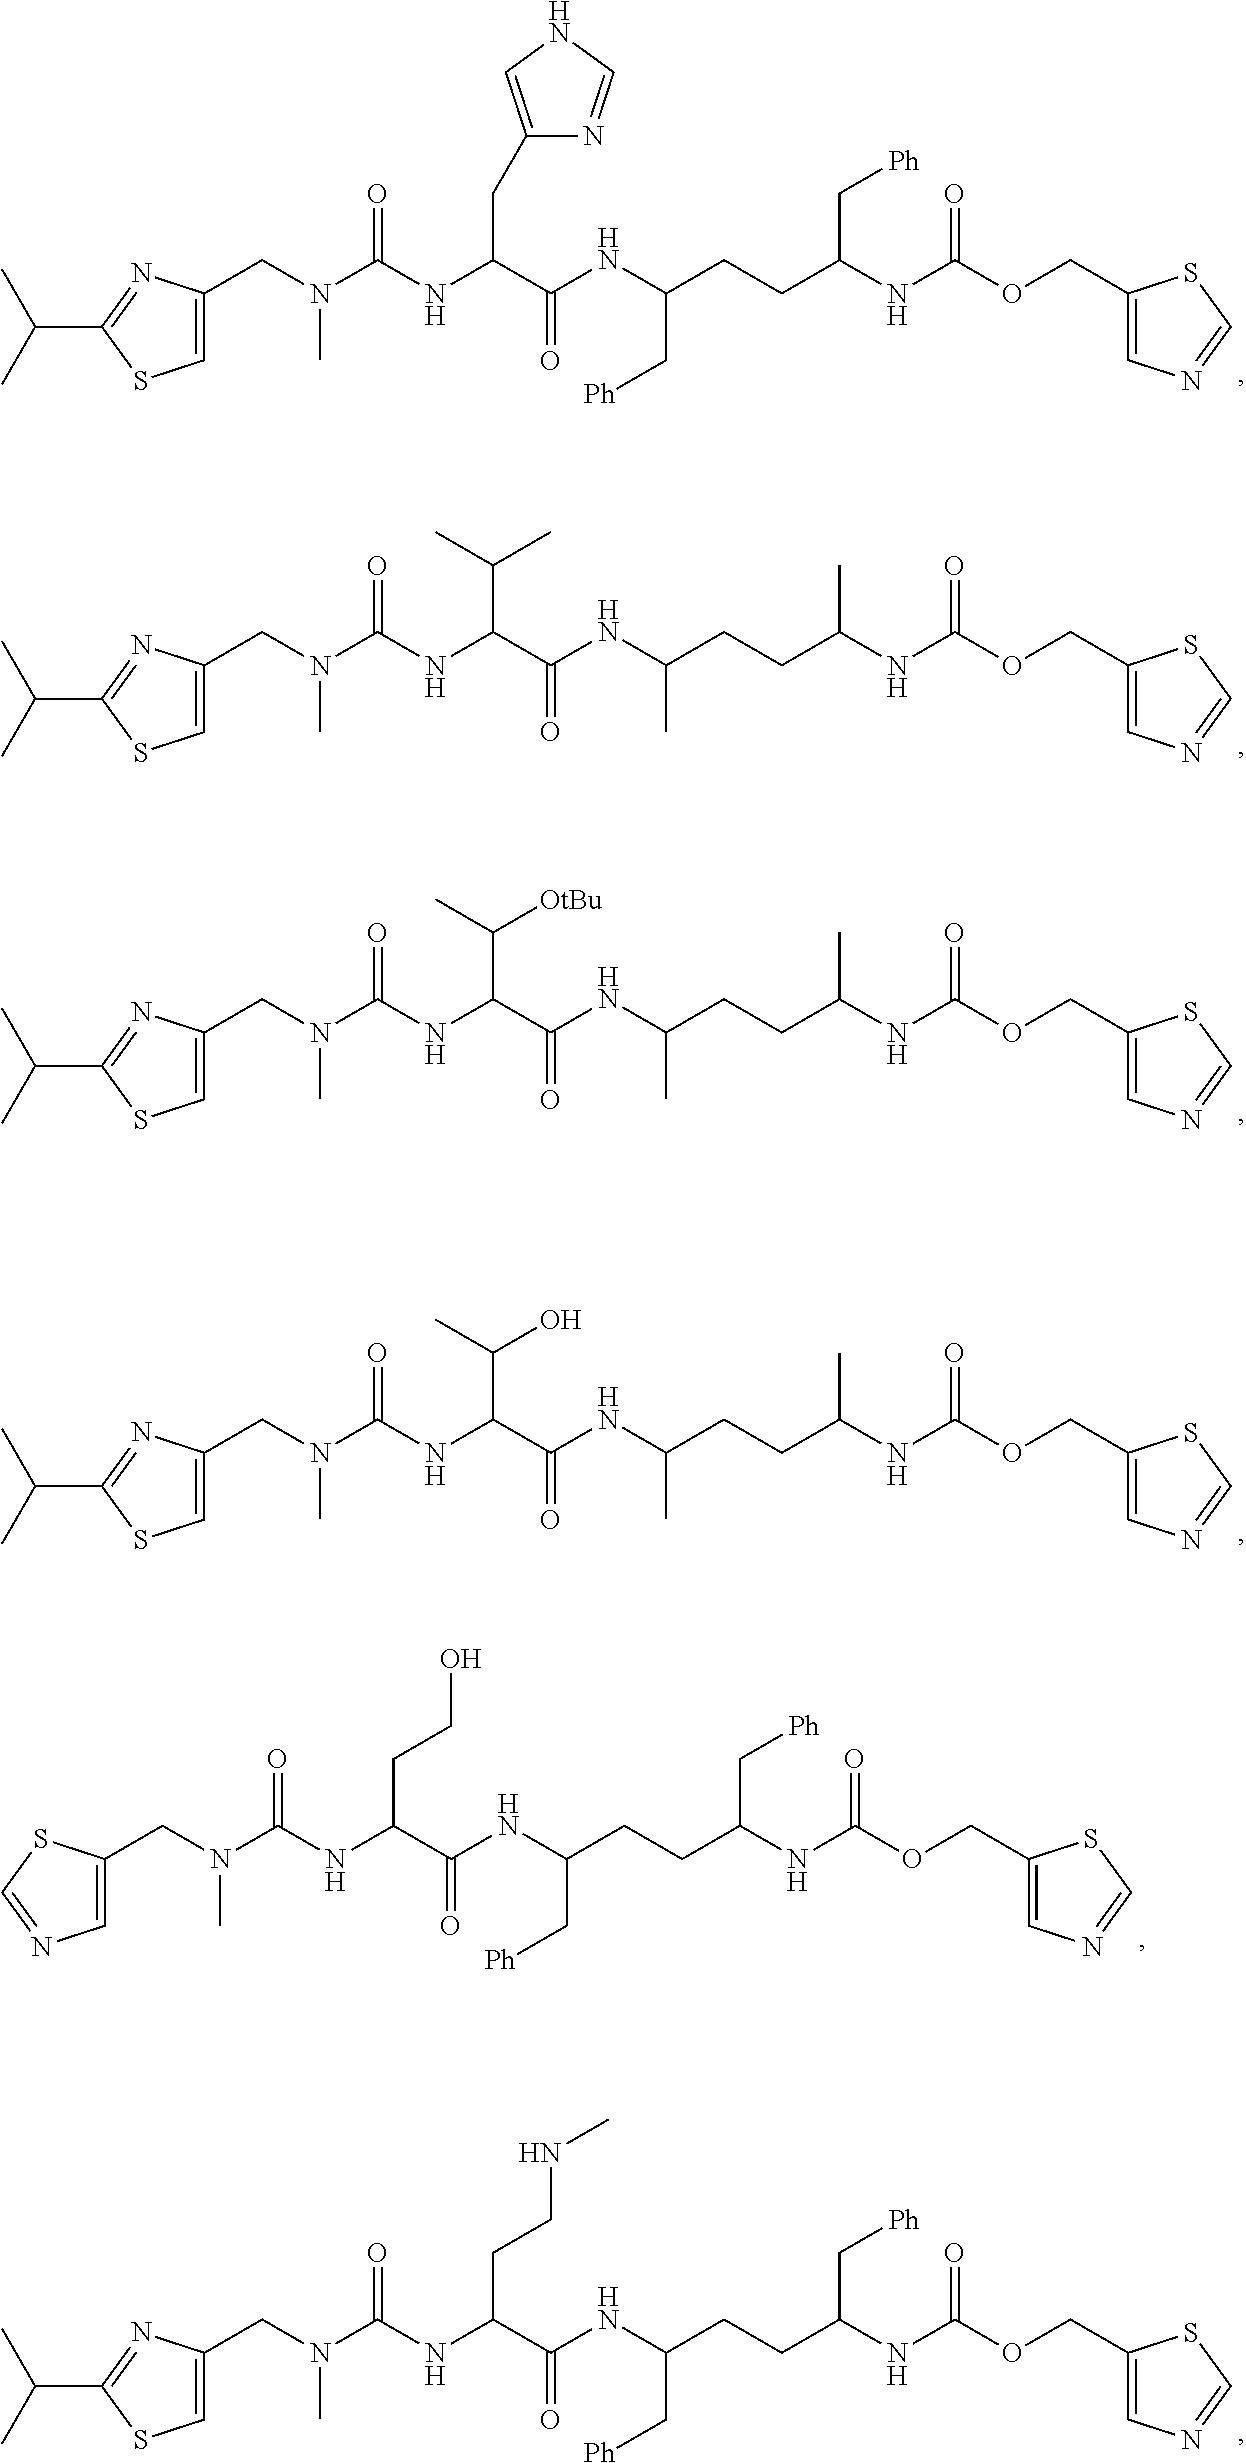 Figure US09891239-20180213-C00022